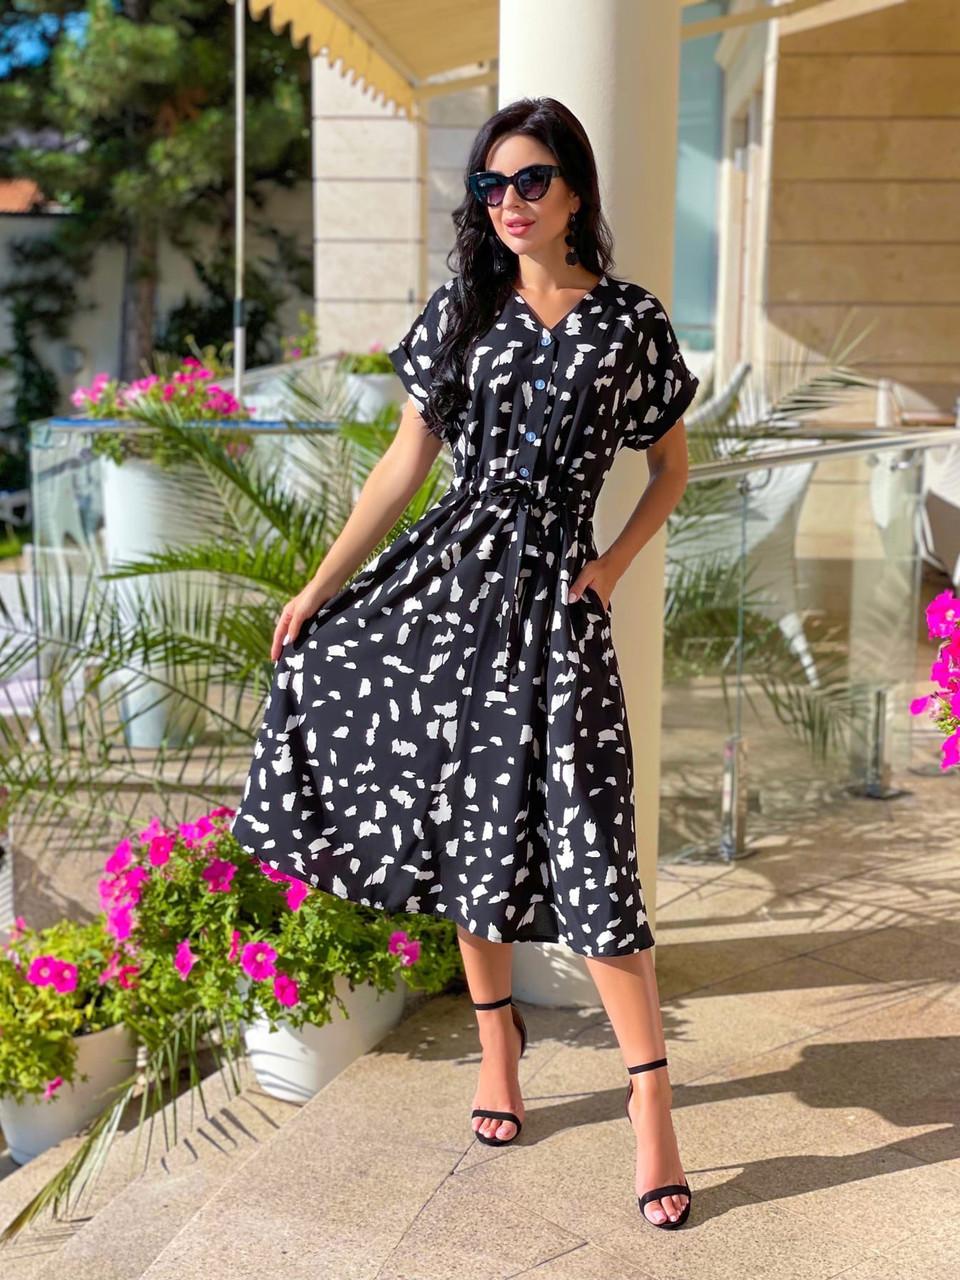 Женское платье длиною миди, талия на регулируемых завязках